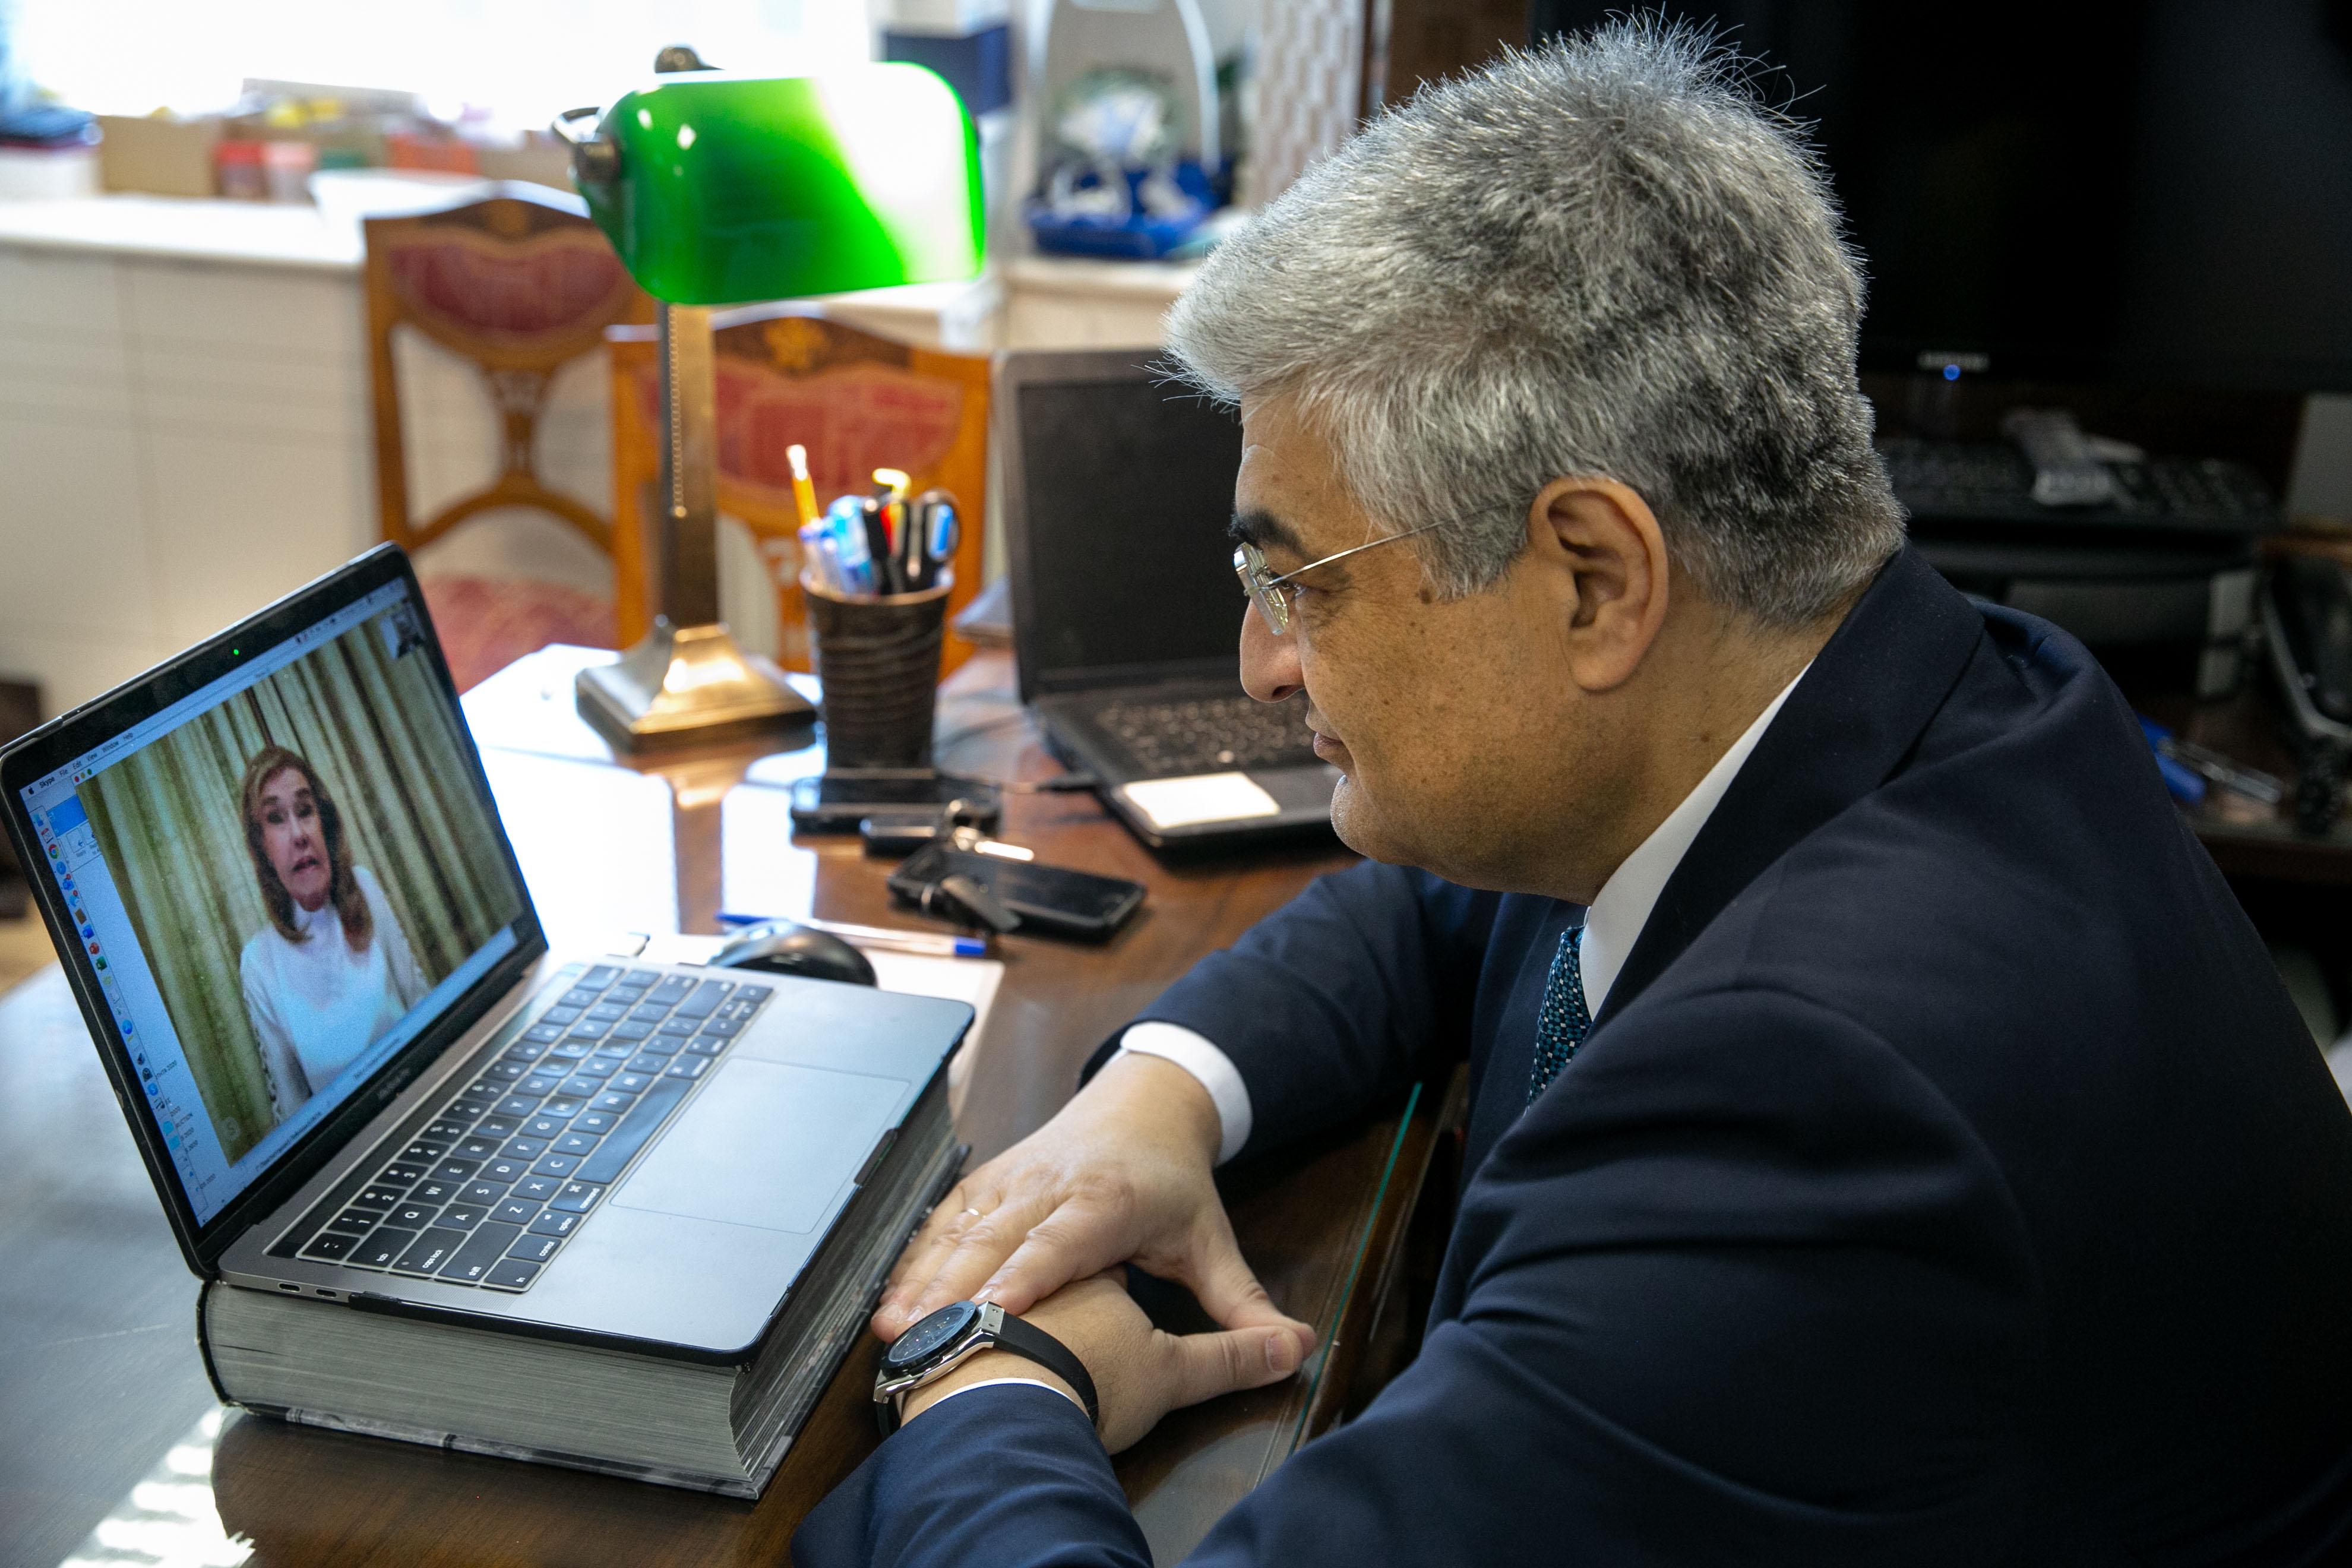 O Πρόεδρος των Παιδικών Χωριών SOS Κωνσταντίνος Συρίγος κατά τη διάρκεια του skype